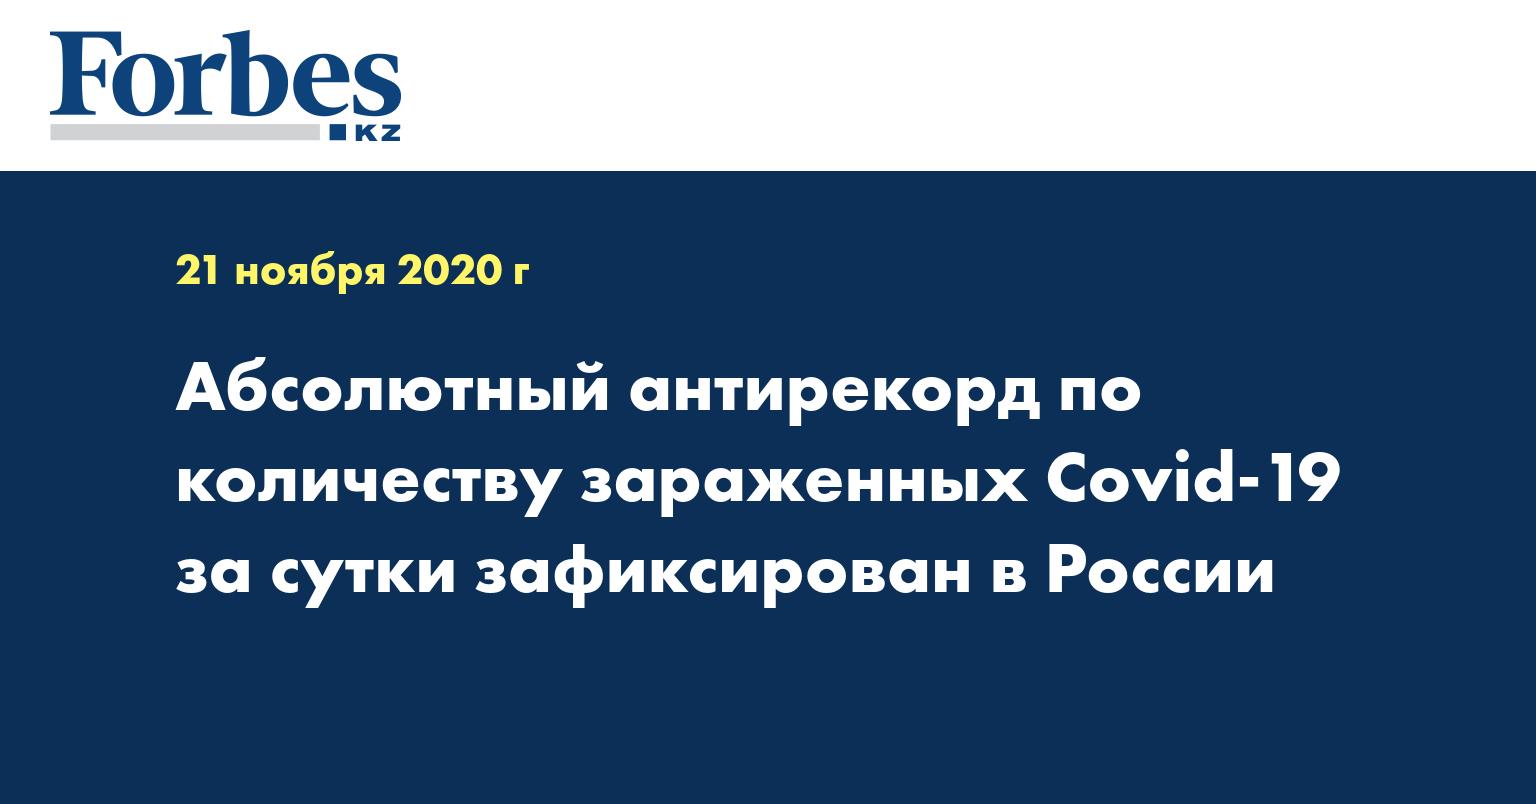 Абсолютный антирекорд по количеству зараженных Covid-19 за сутки зафиксирован в России